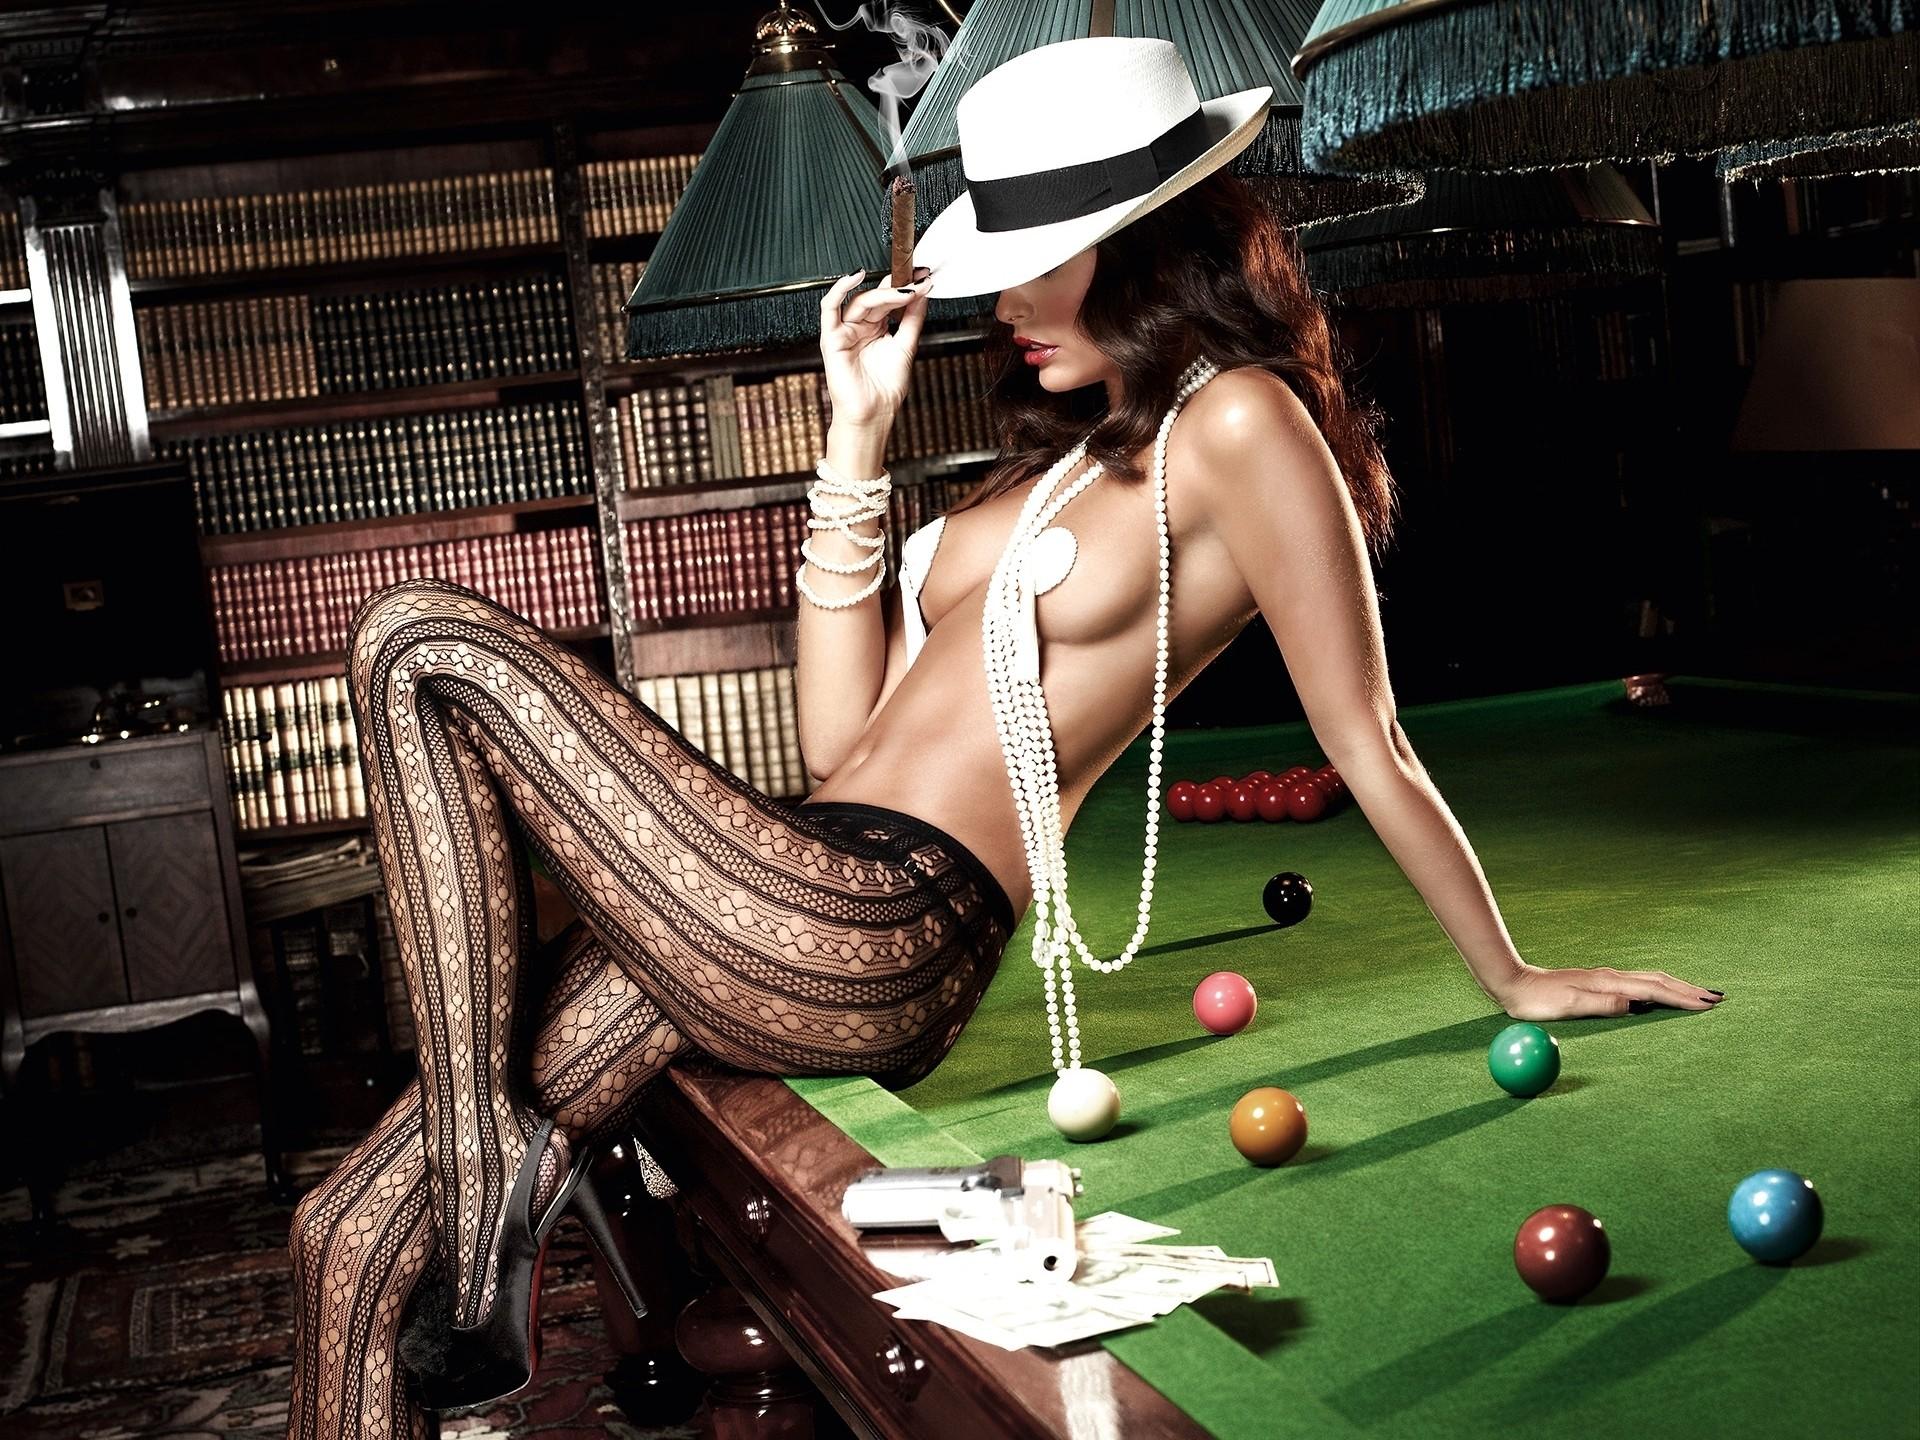 Эротические карточные игры играть 25 фотография